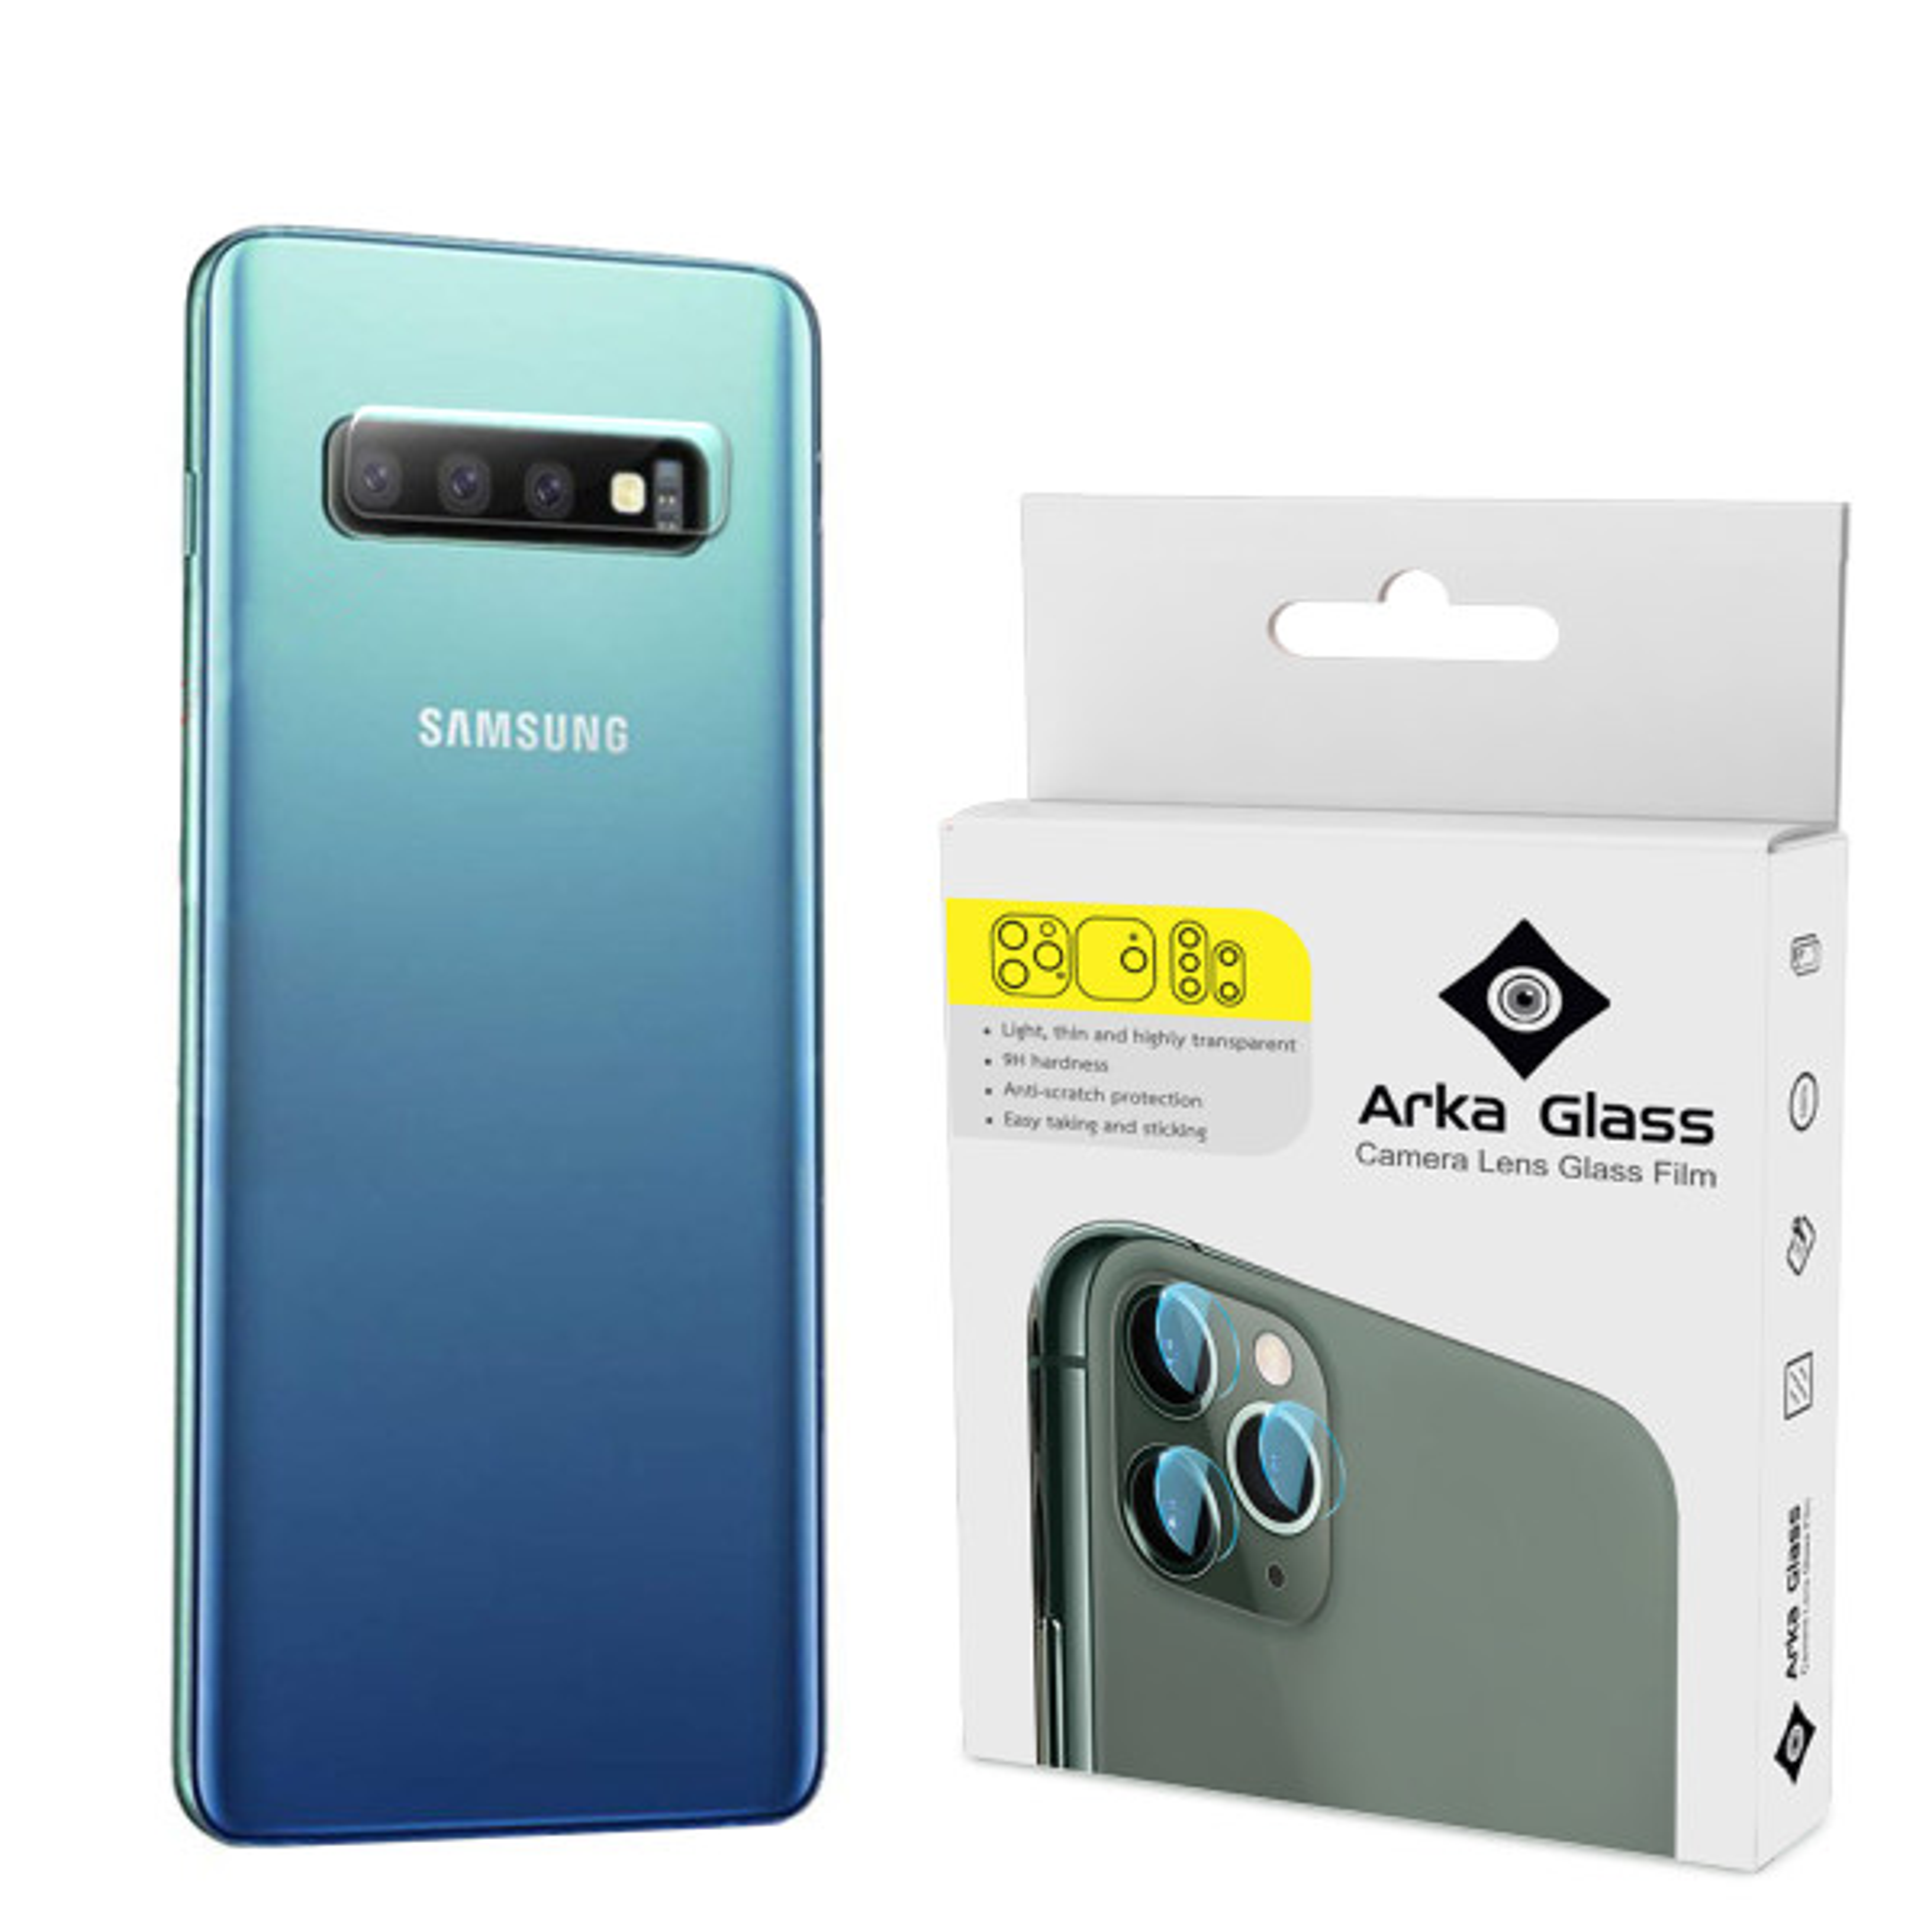 محافظ لنز دوربین آرکا گلس مدل GLA مناسب برای گوشی موبایل سامسونگ GALAXY S10